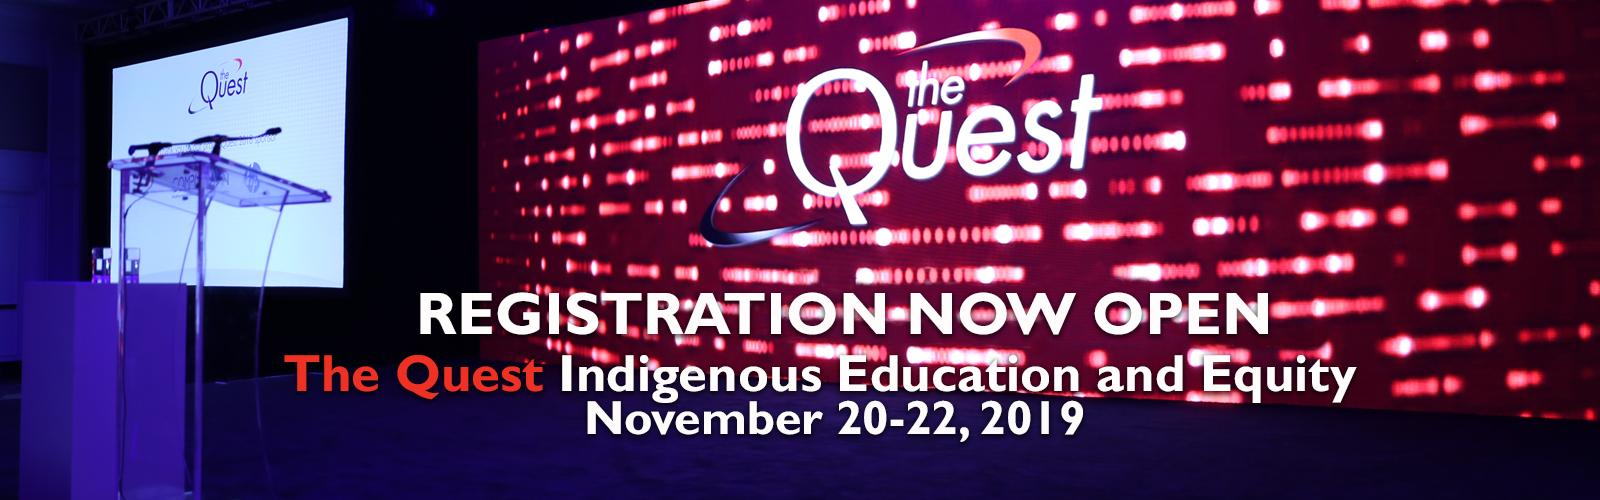 Registration Open